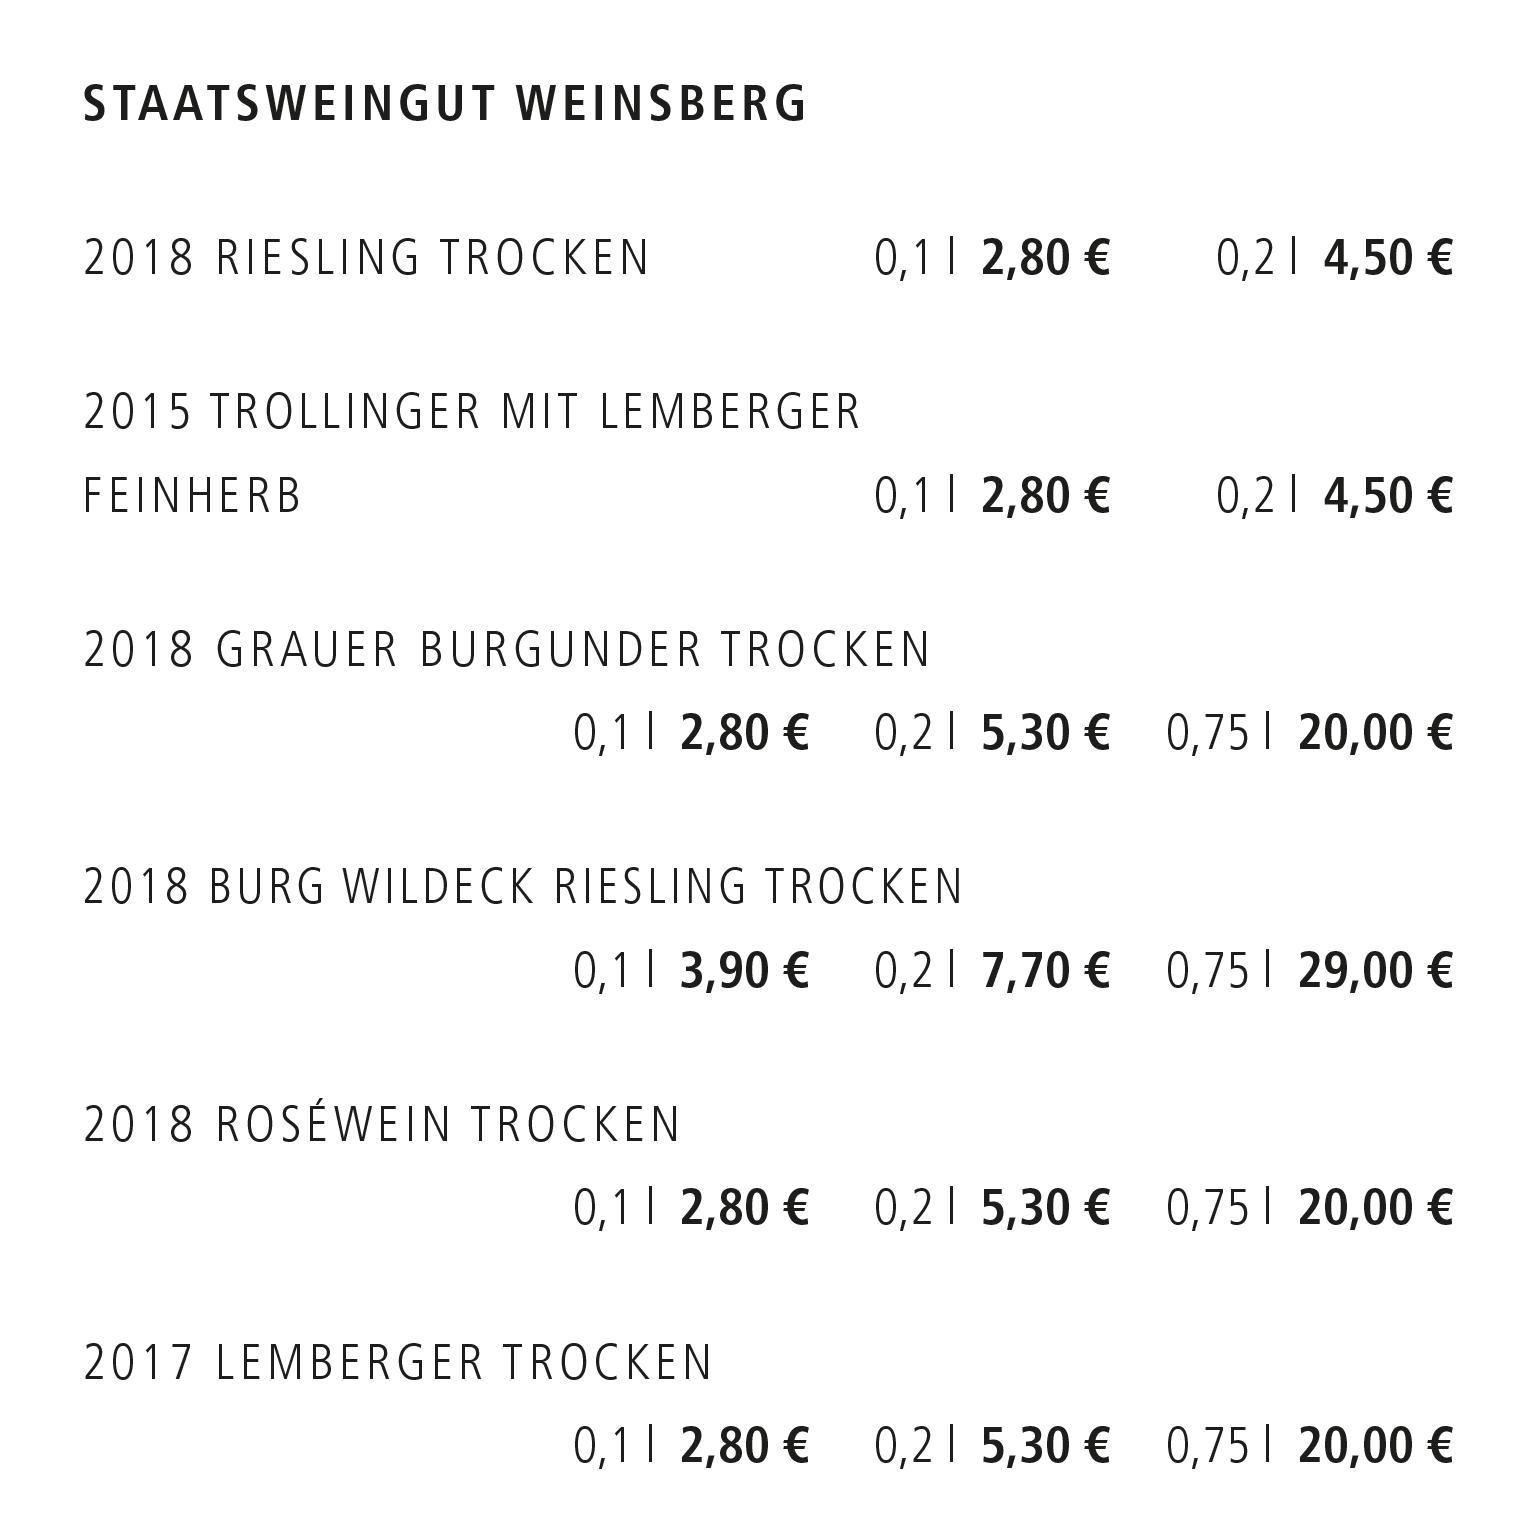 7_Staatsweingut Weinsberg